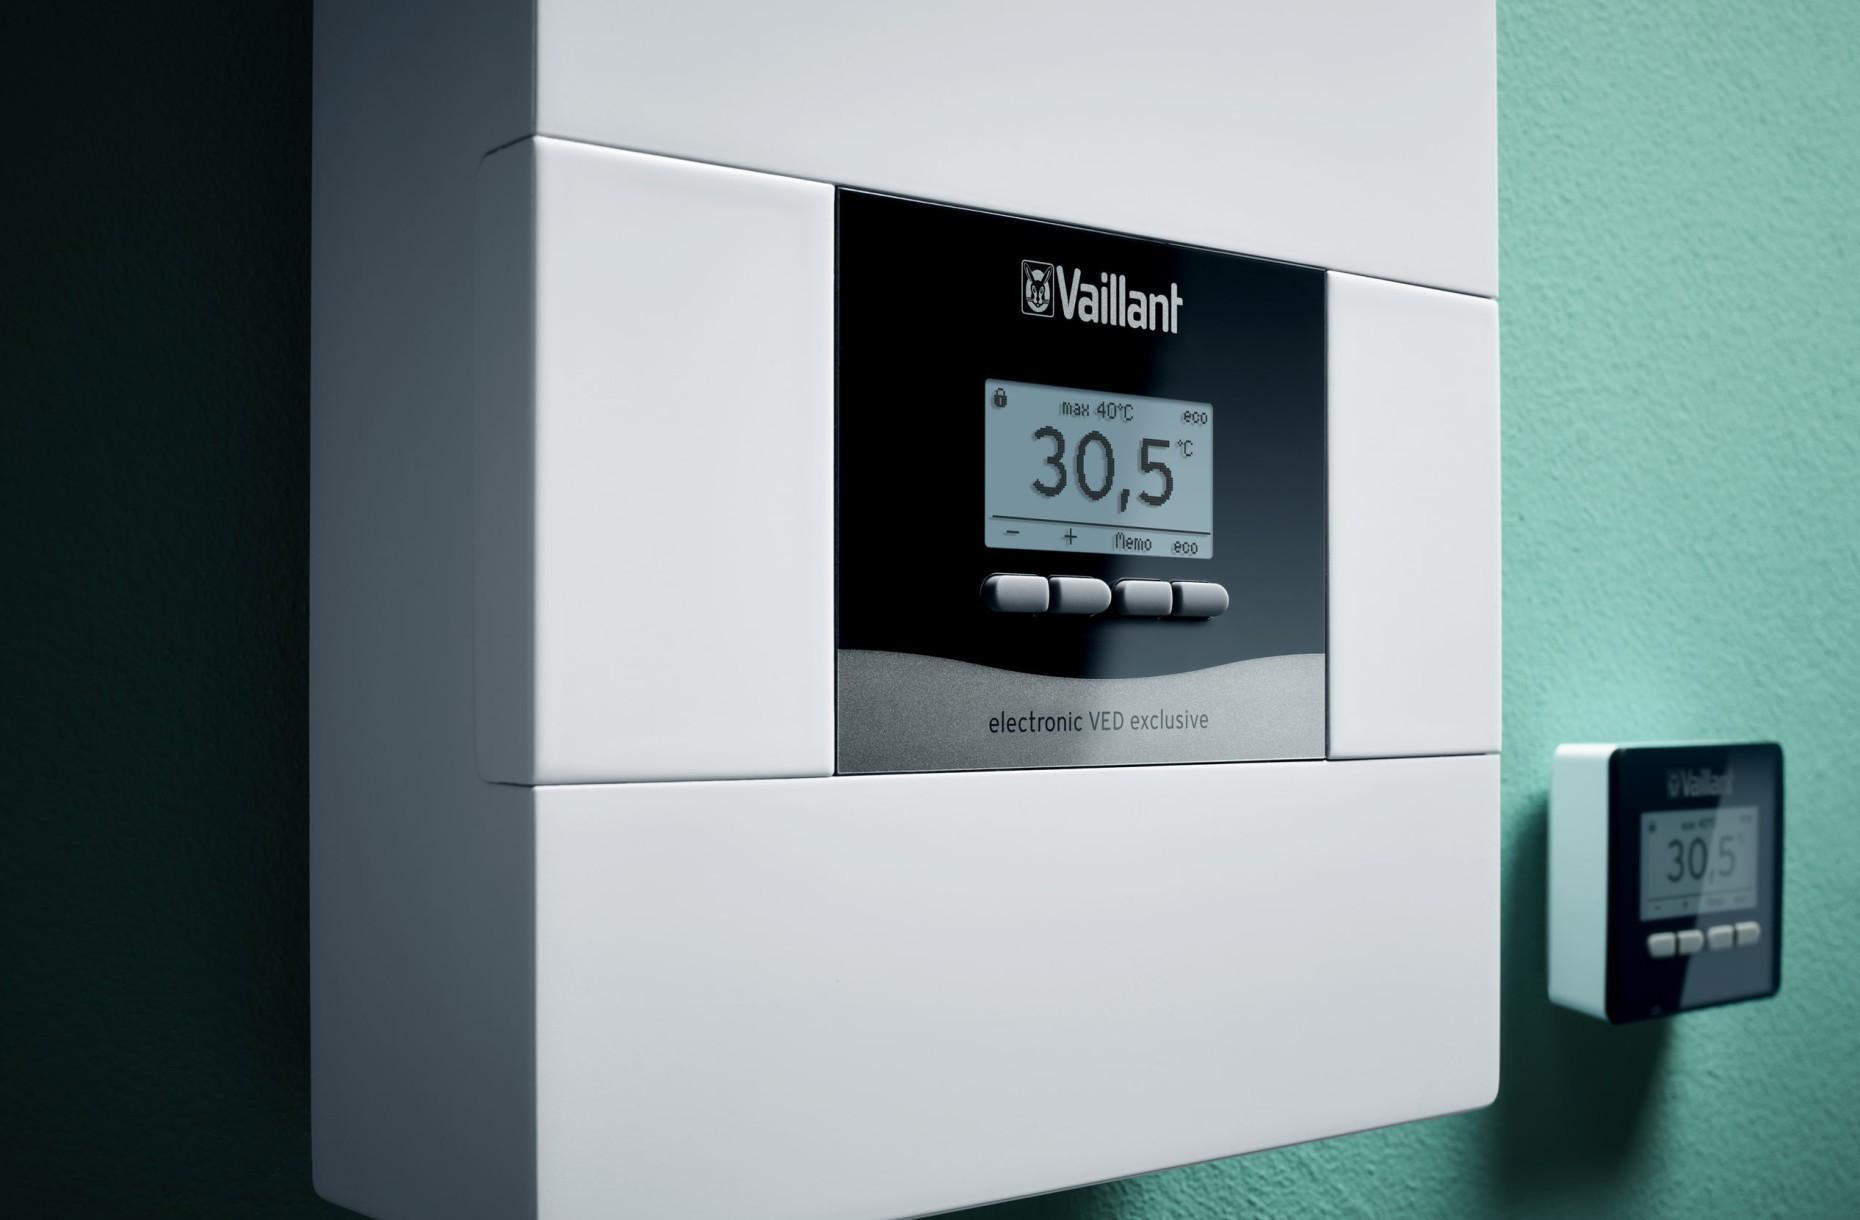 Vaillant électronique chauffe-eau Electronic ved par E 18 21 24//7b